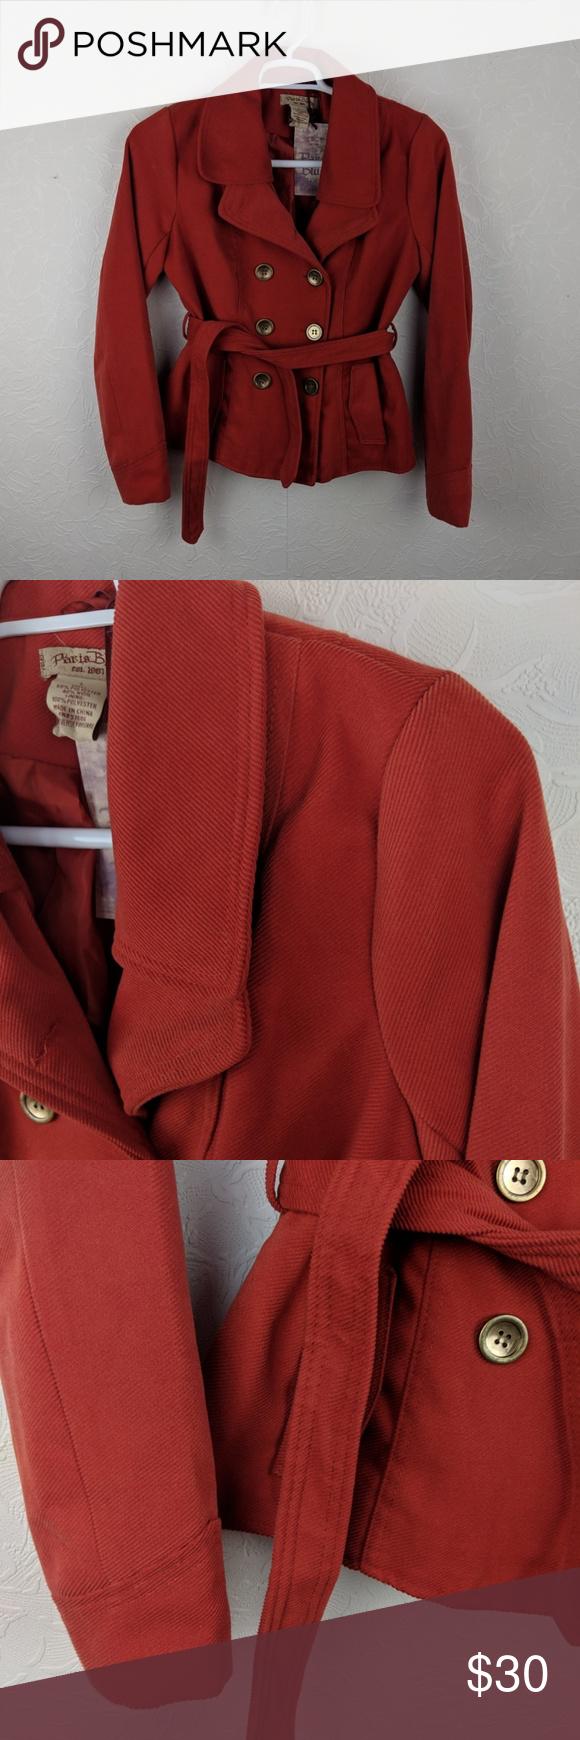 Paris Blues Juniors Wool Blend Corduroy Peacoat Paris Blues Juniors Wool Blend Tied Corduroy Peacoat Coat New With Paris Blues Clothes Design Fashion Design [ 1740 x 580 Pixel ]